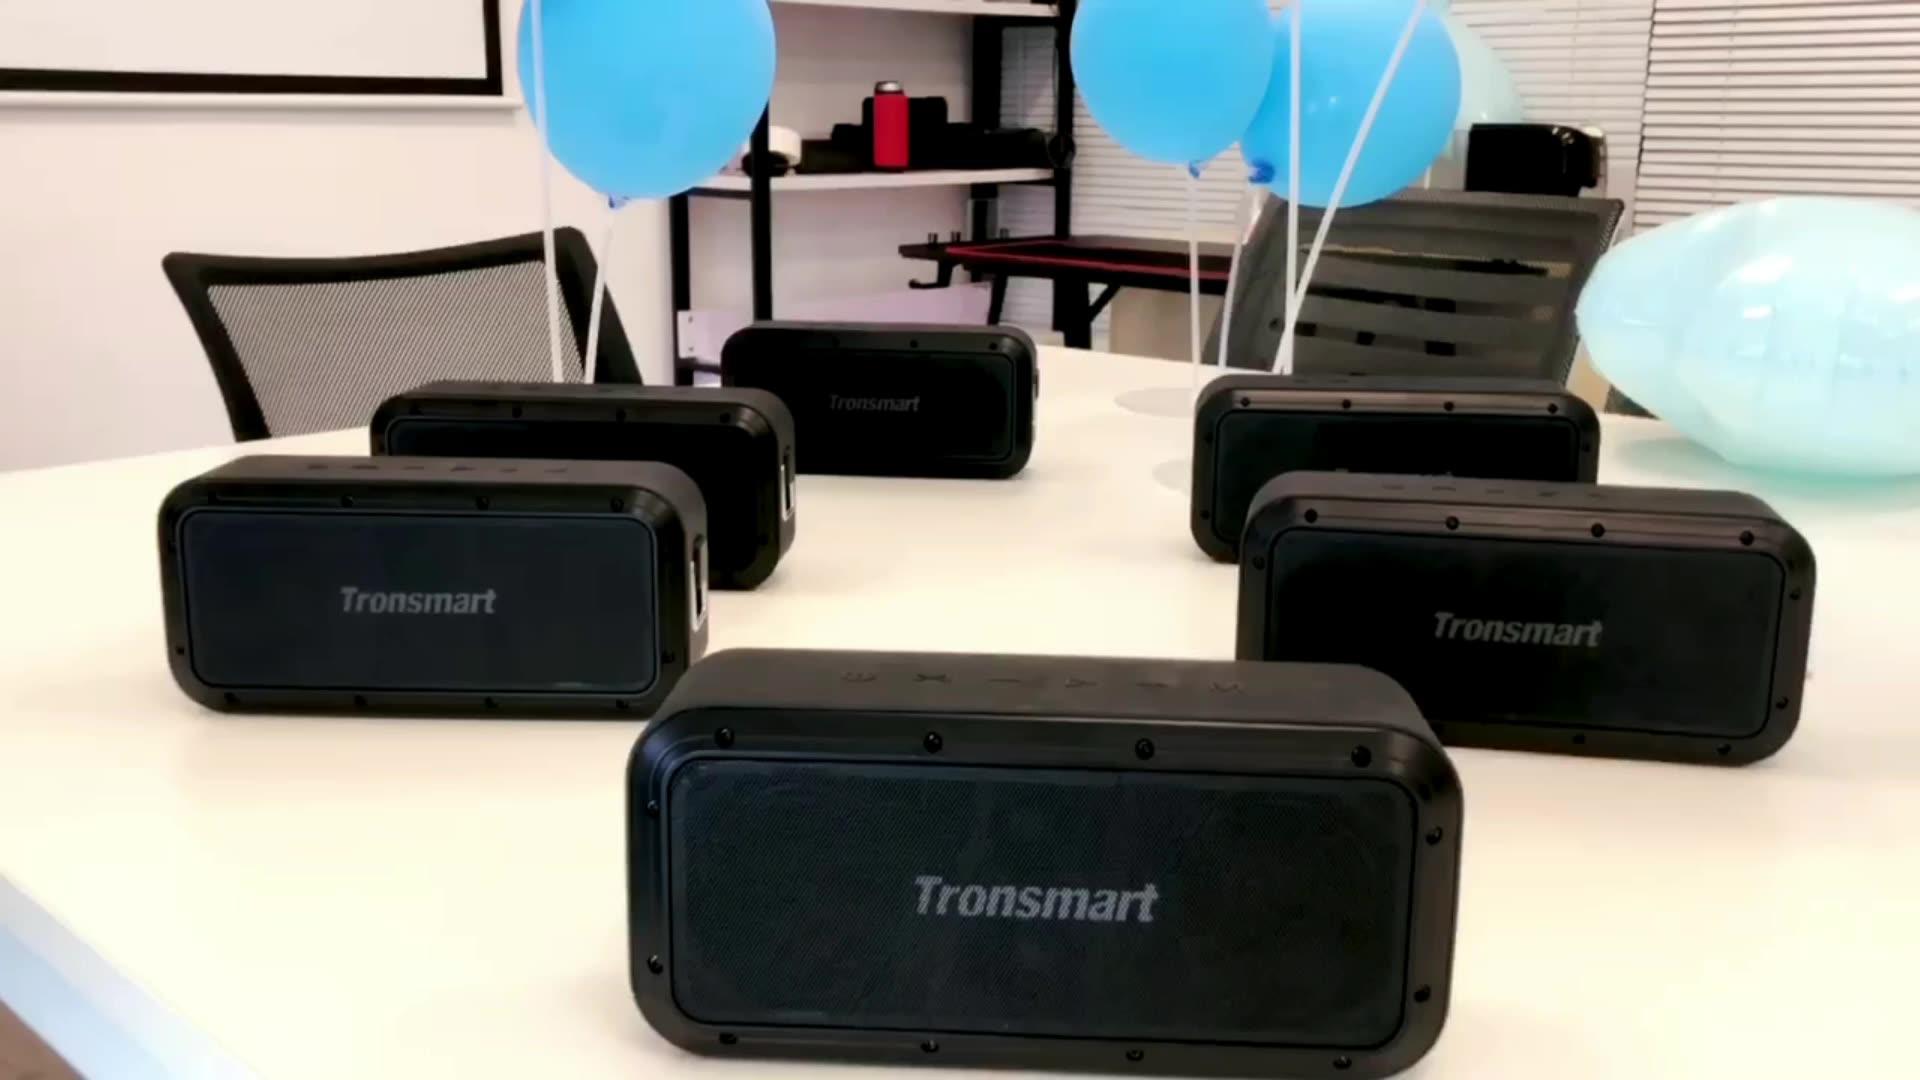 Tronsmart Force Pro 60 واط BT 5.0 مكبر الصوت SoundPulse IPX7 مساعد الصوت NFC صحيح مكبرات صوت ستيريو لاسلكية للسفر في الهواء الطلق